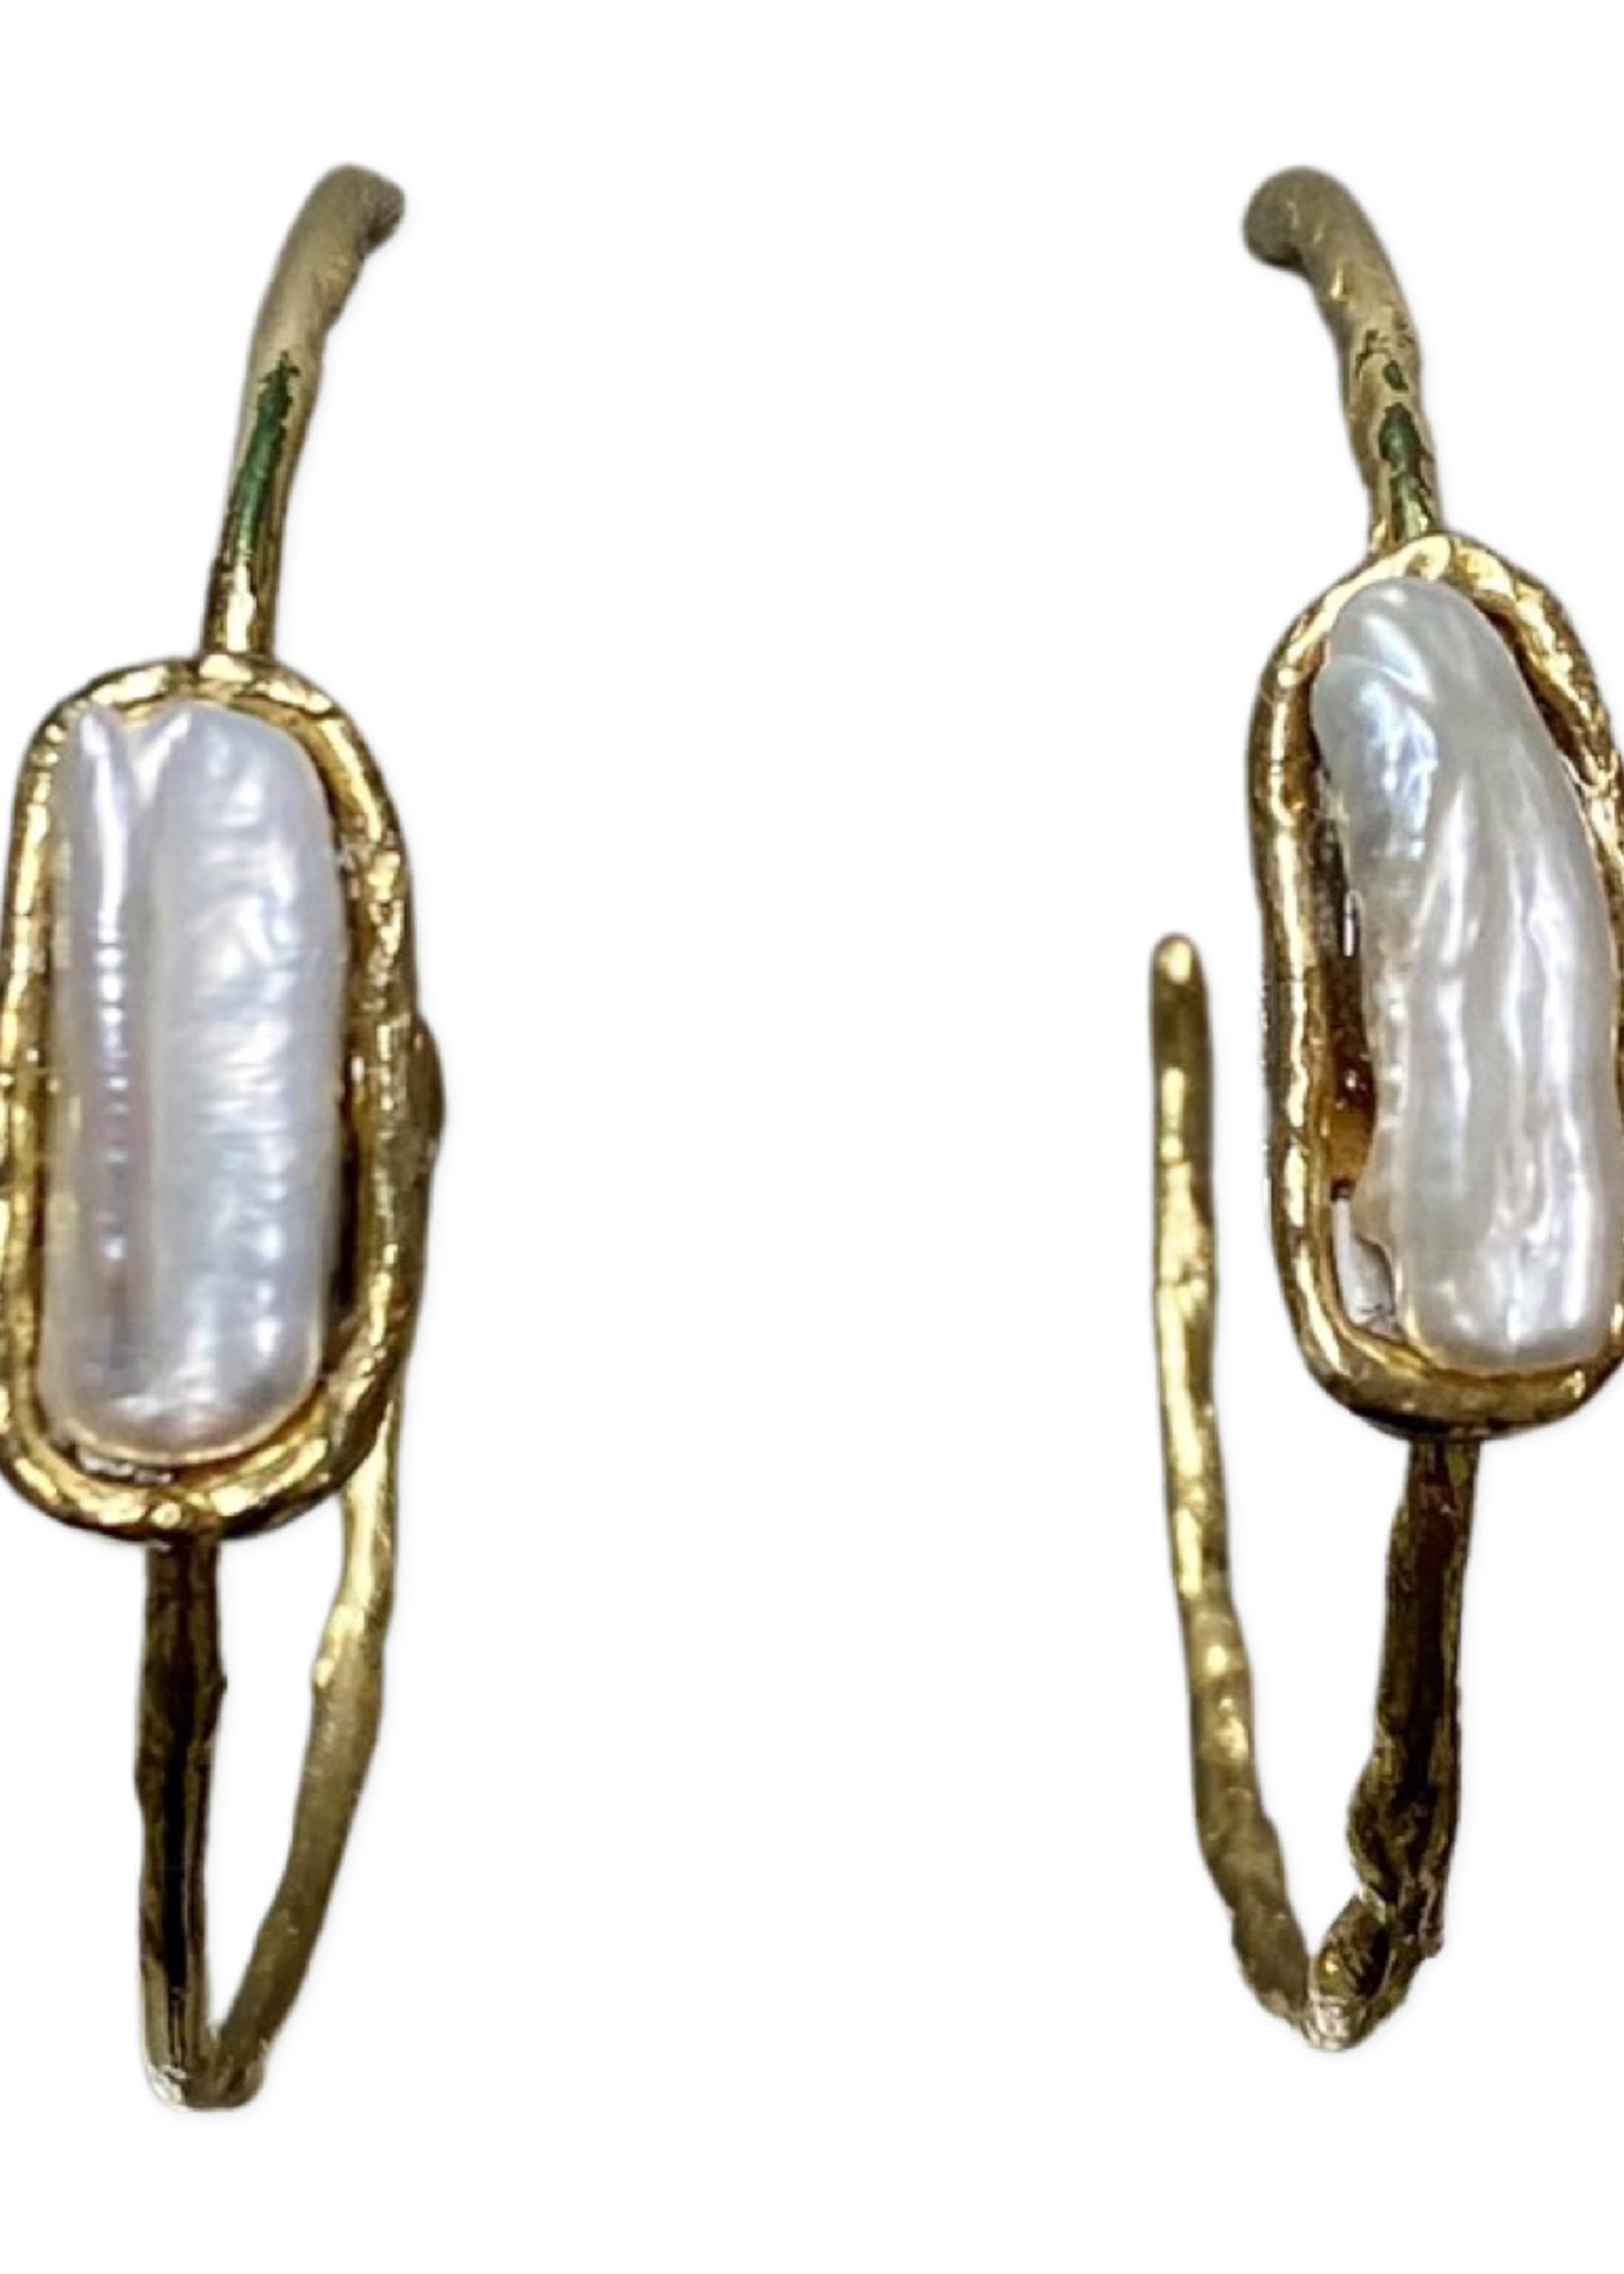 David Jeffery Hoop Earrings Brass w Pearls